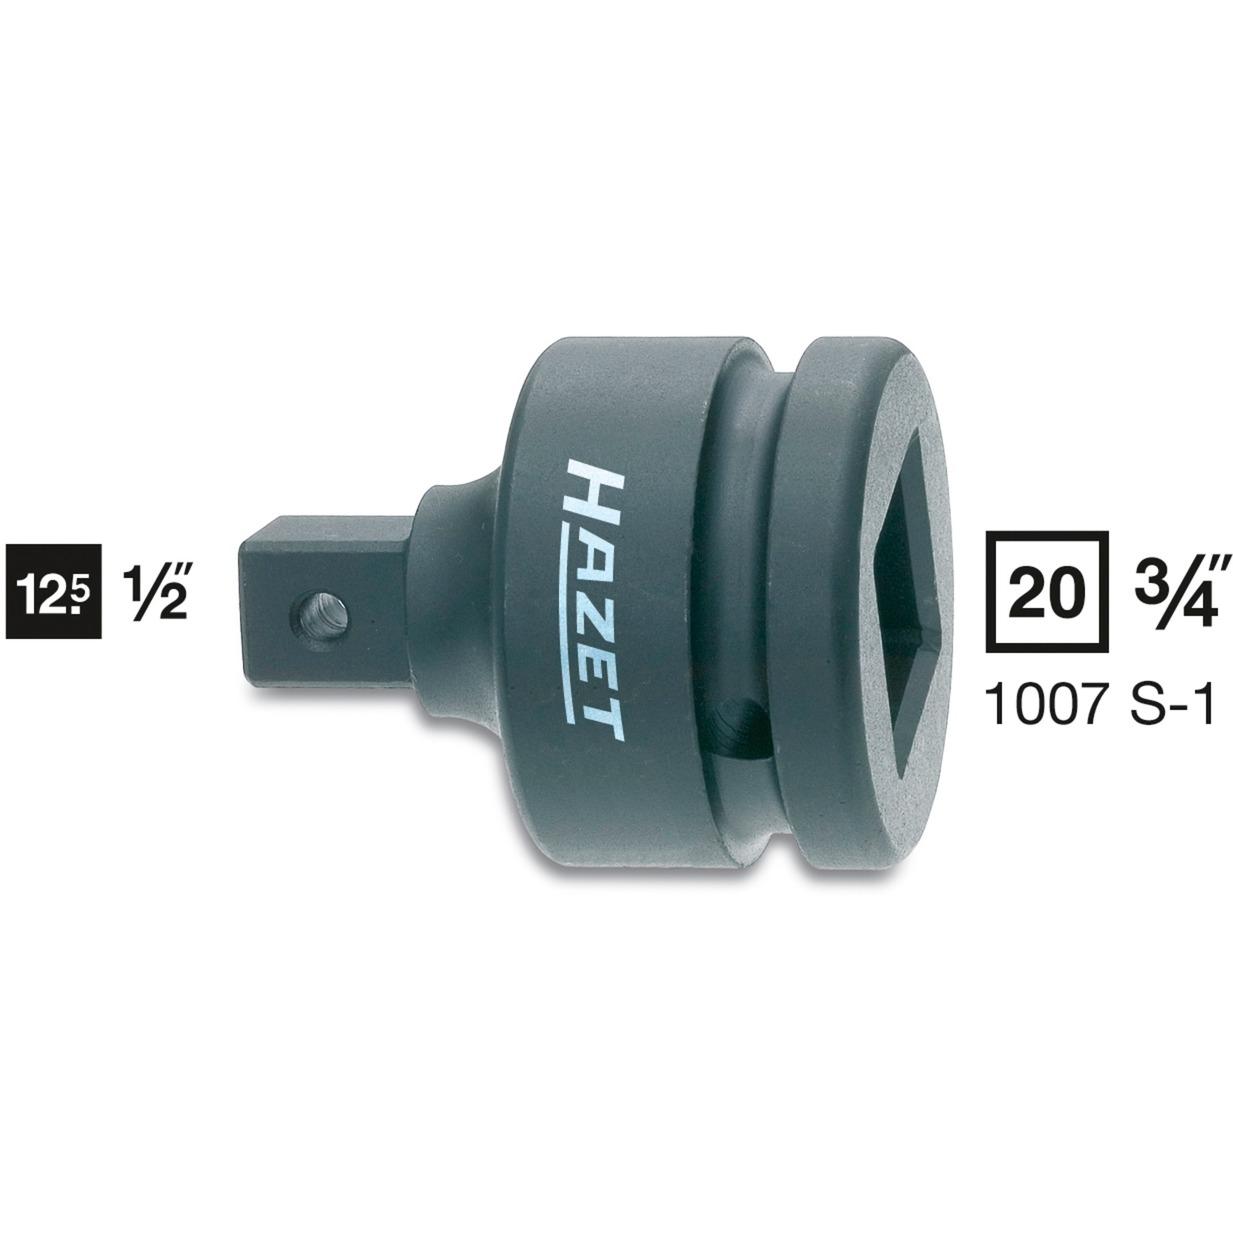 1007S-1 llave de tuercas 1 pieza(s), Adaptador de tuerca spinner